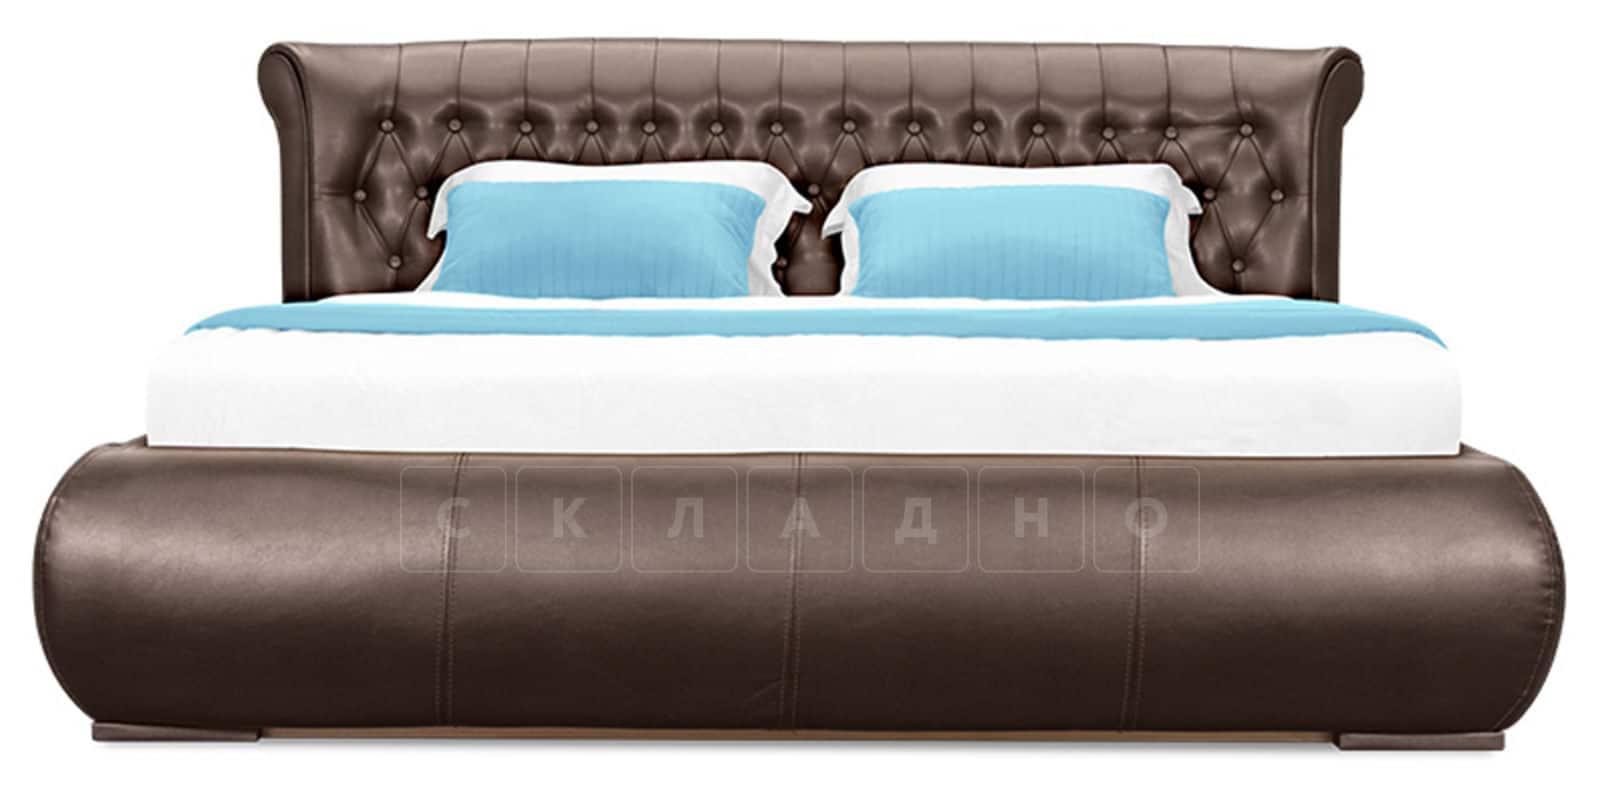 Мягкая кровать Вирджиния 160см экокожа шоколадного цвета фото 2   интернет-магазин Складно